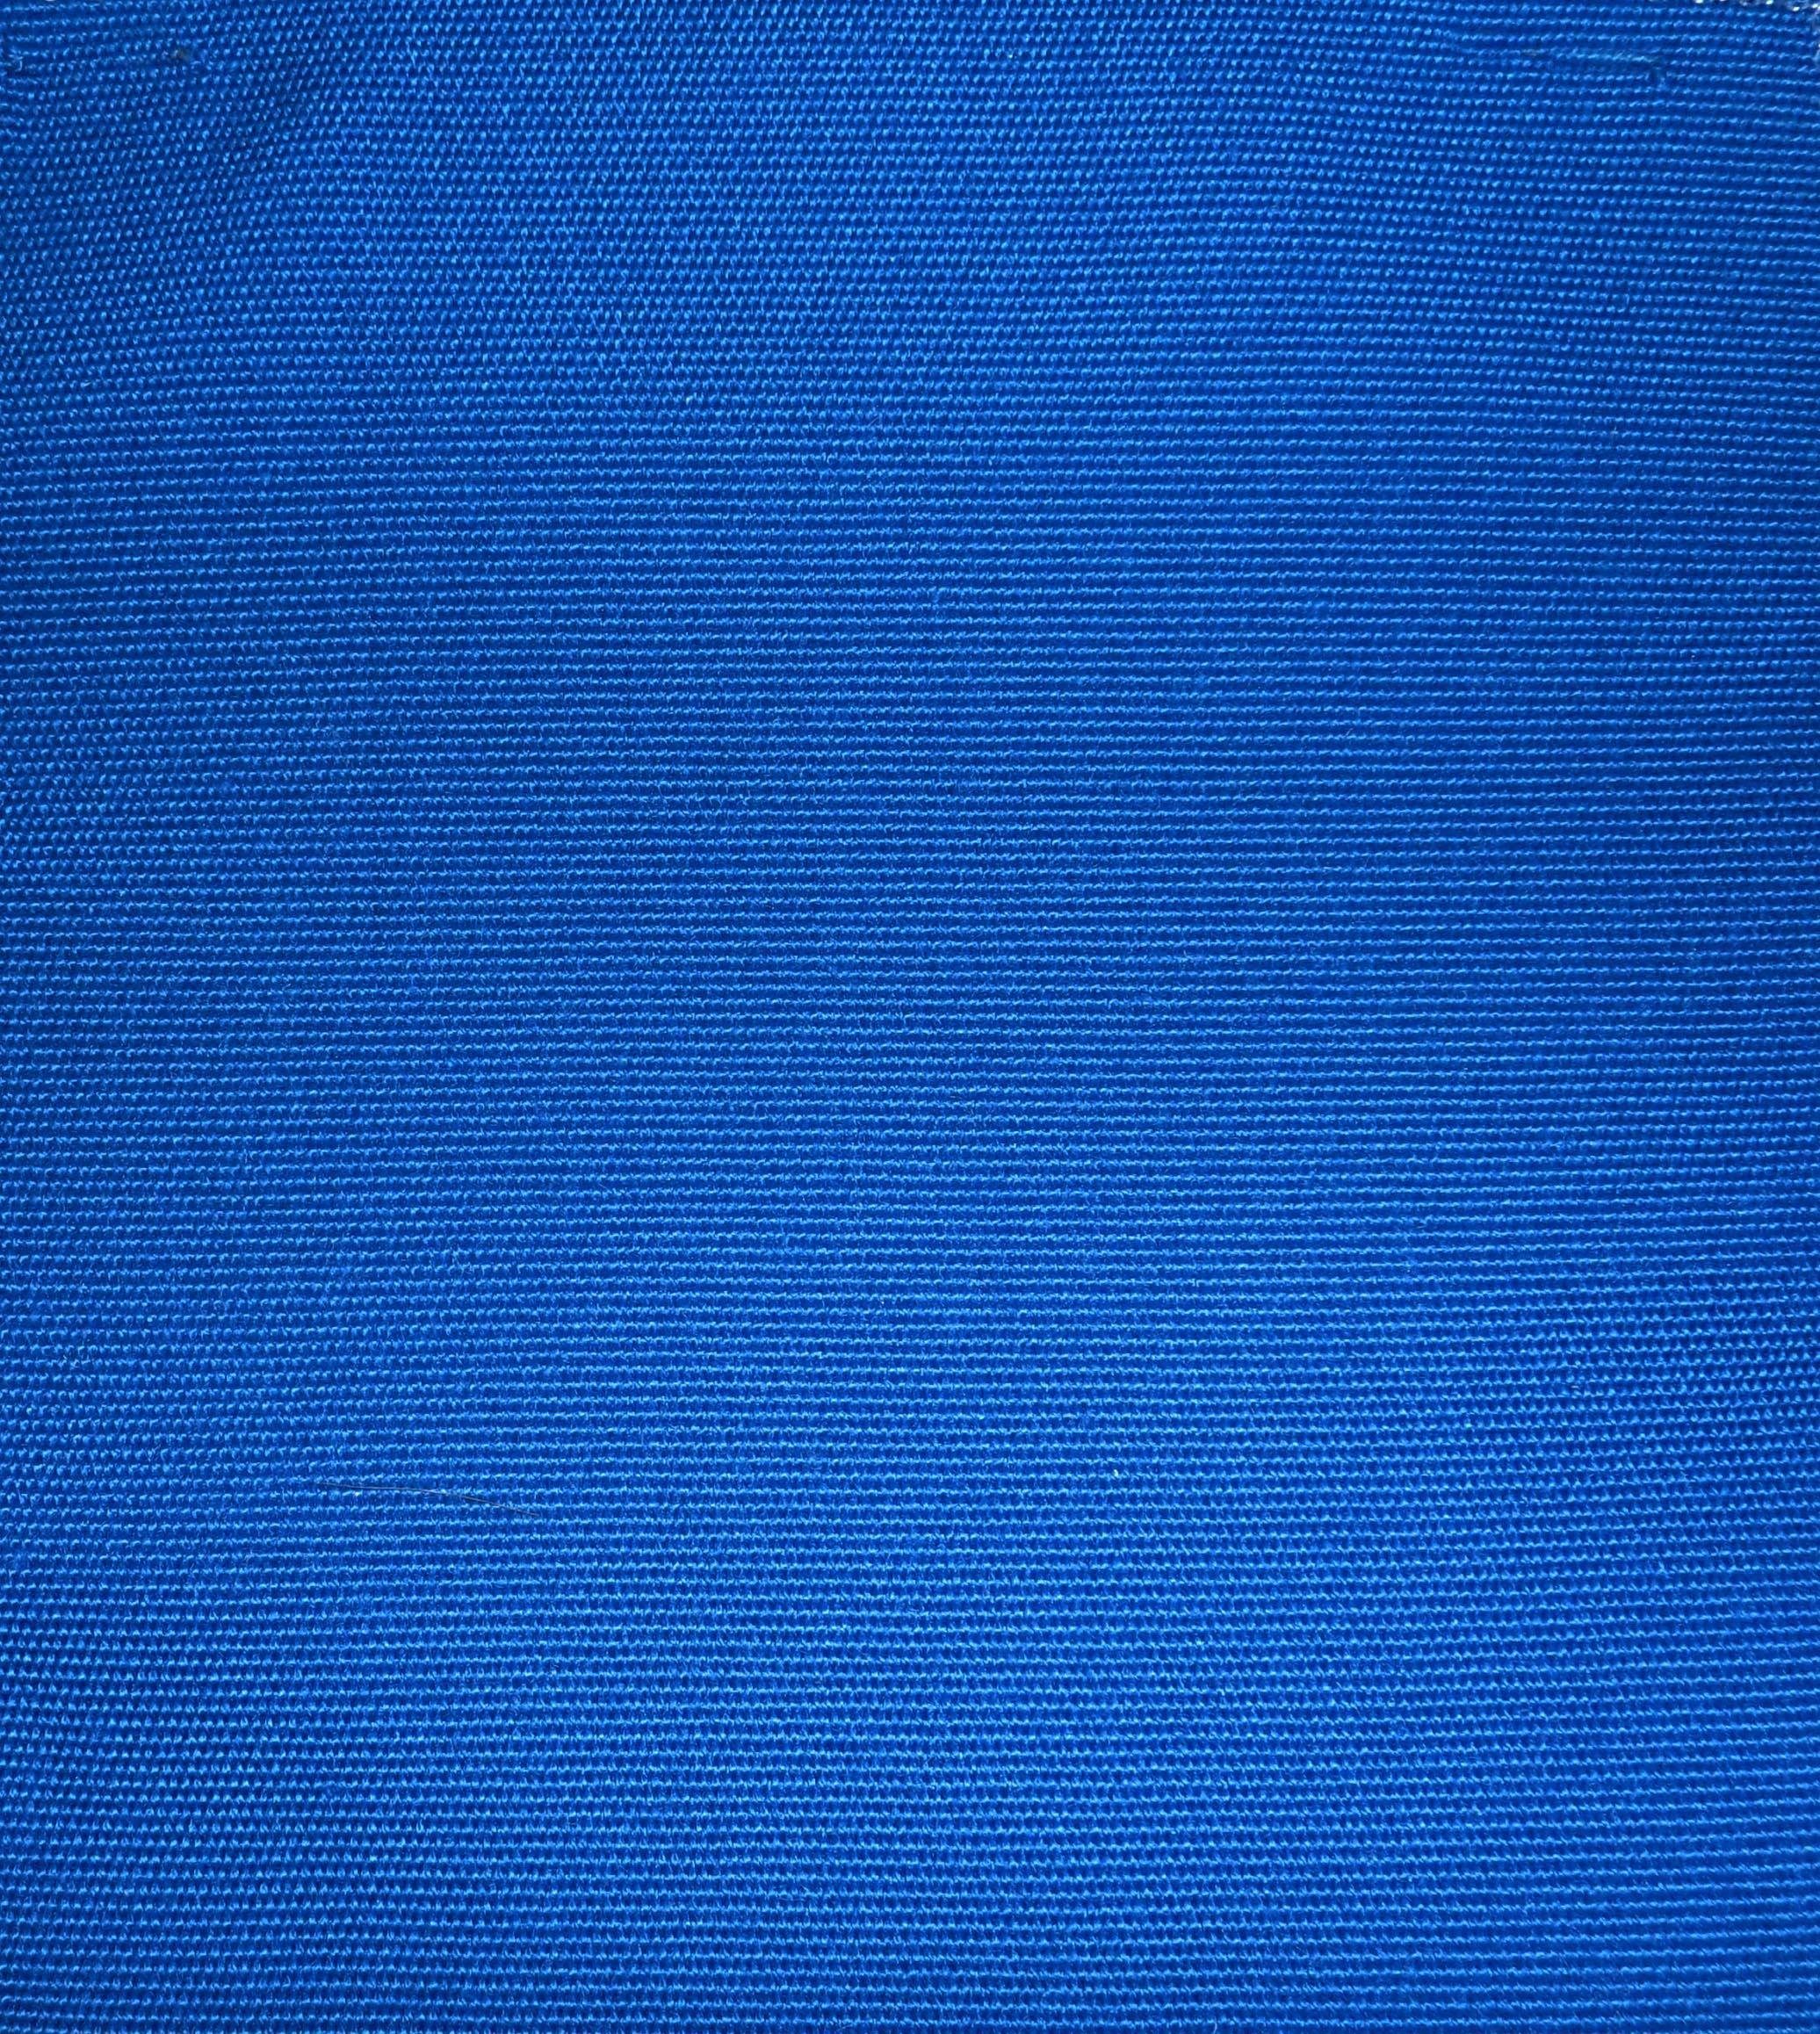 Chella Fabrics Di Medici 40 Pacifica Interiordecorating Com